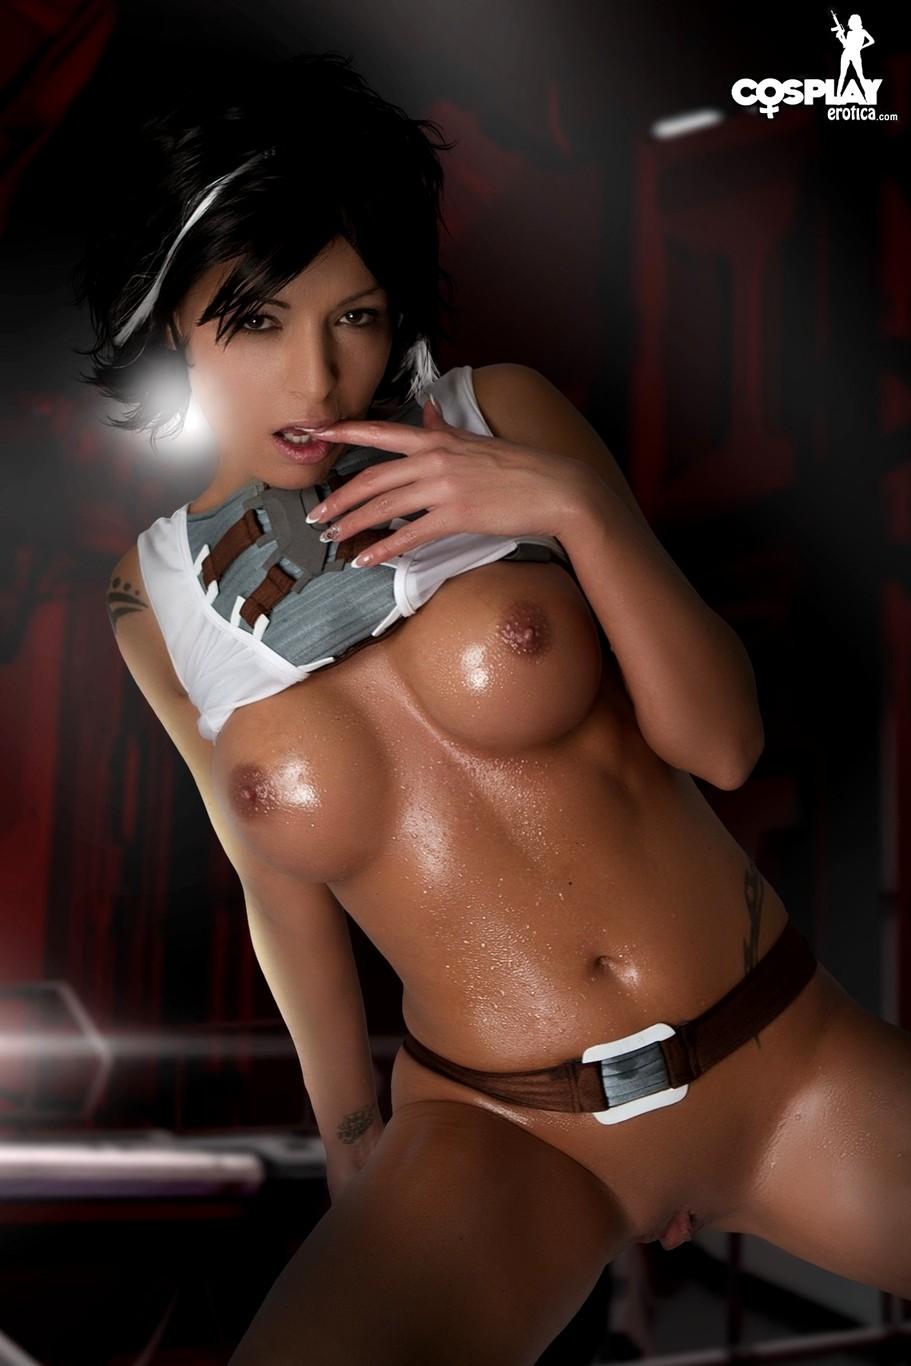 nude-games-girls-jemma-suicide-girl-midget